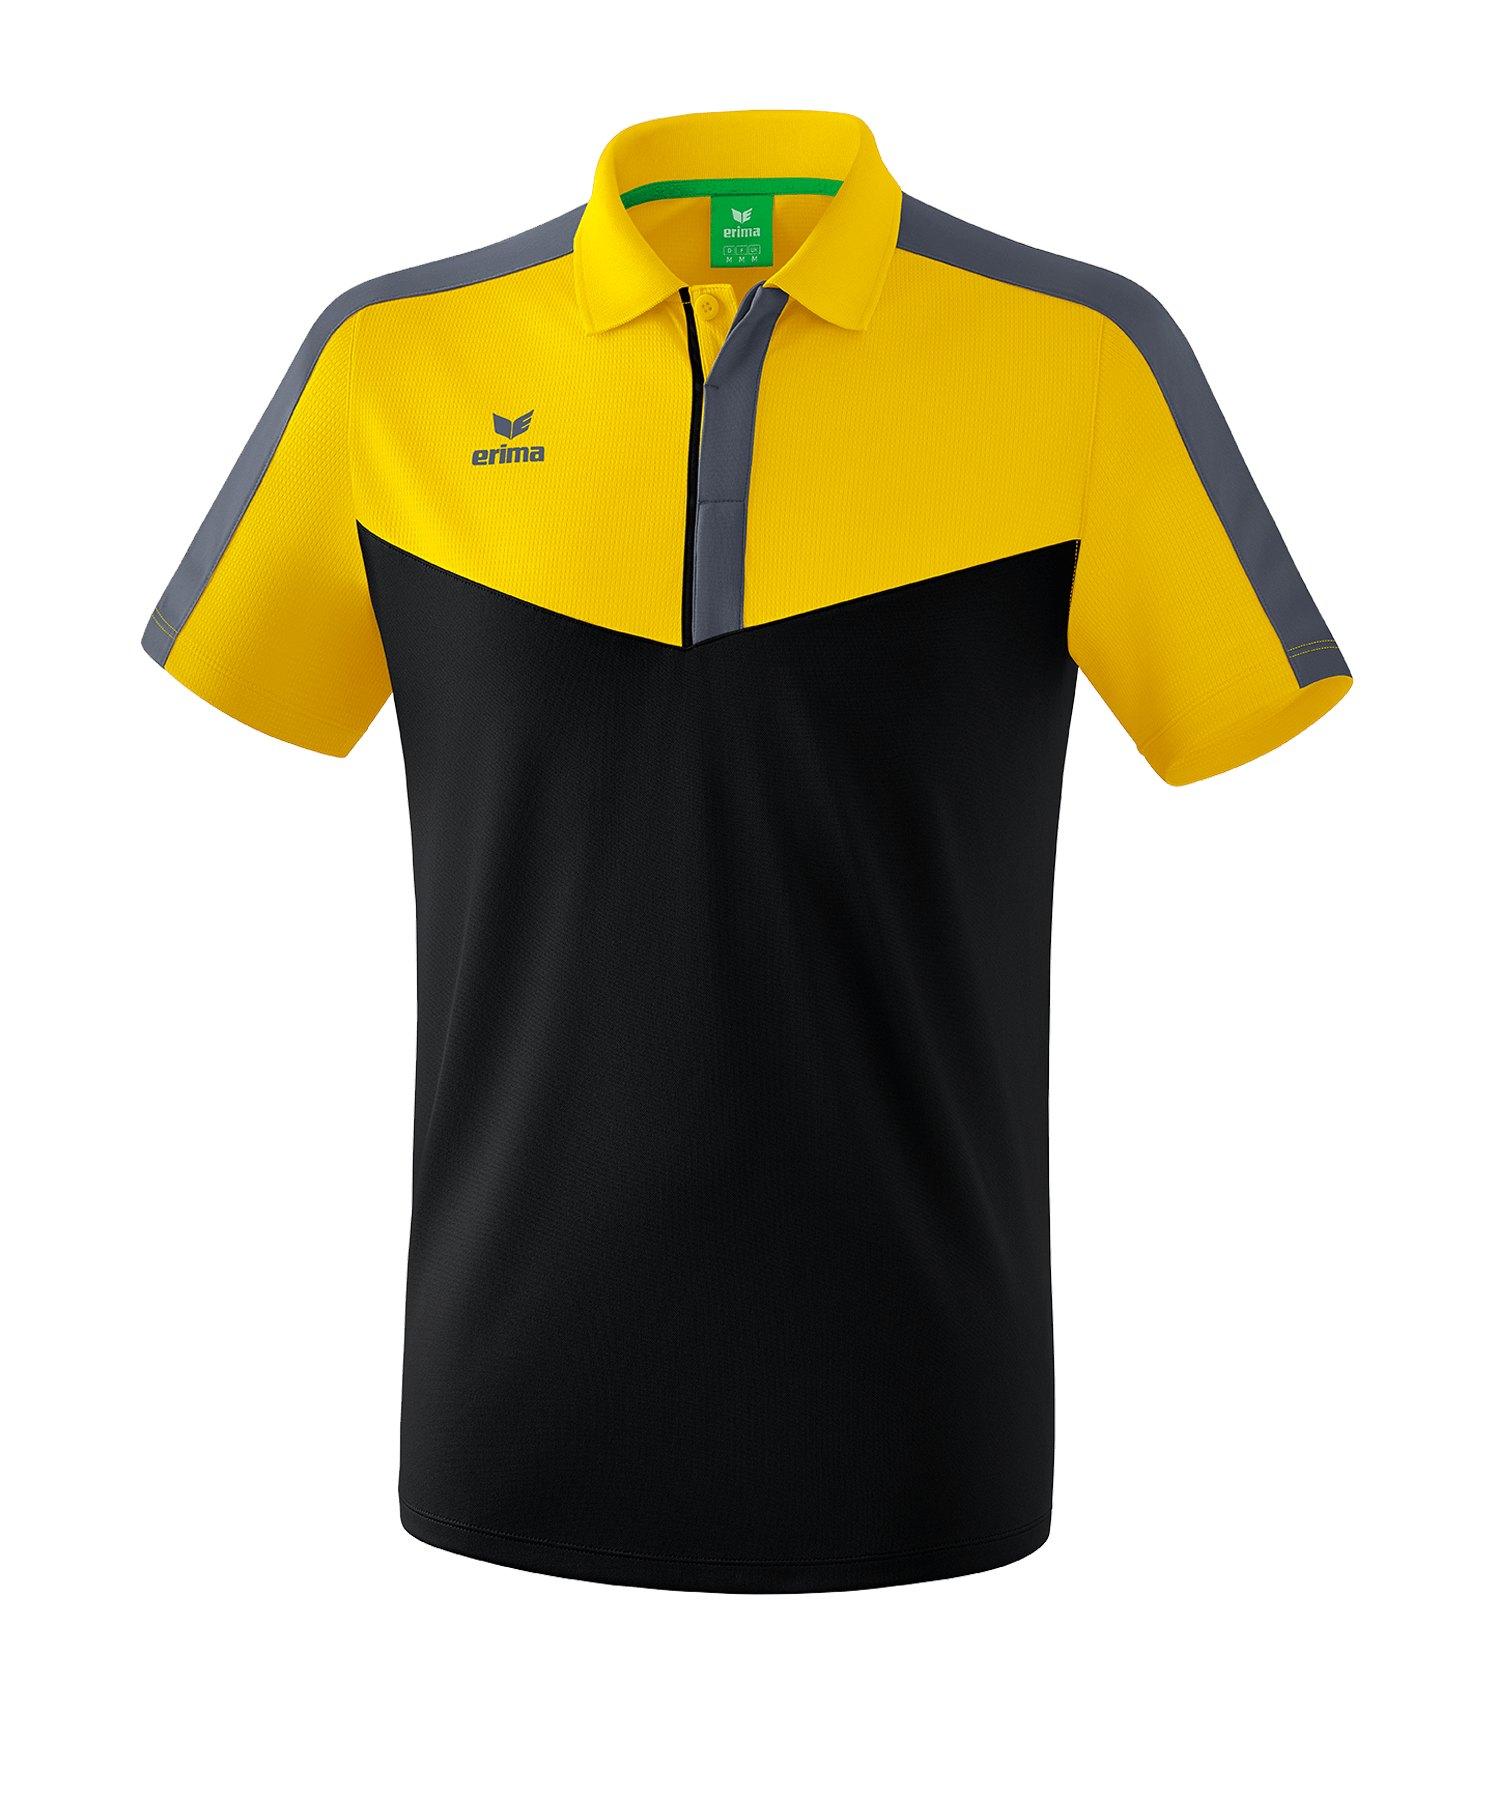 Erima Squad Poloshirt Gelb Schwarz - gelb